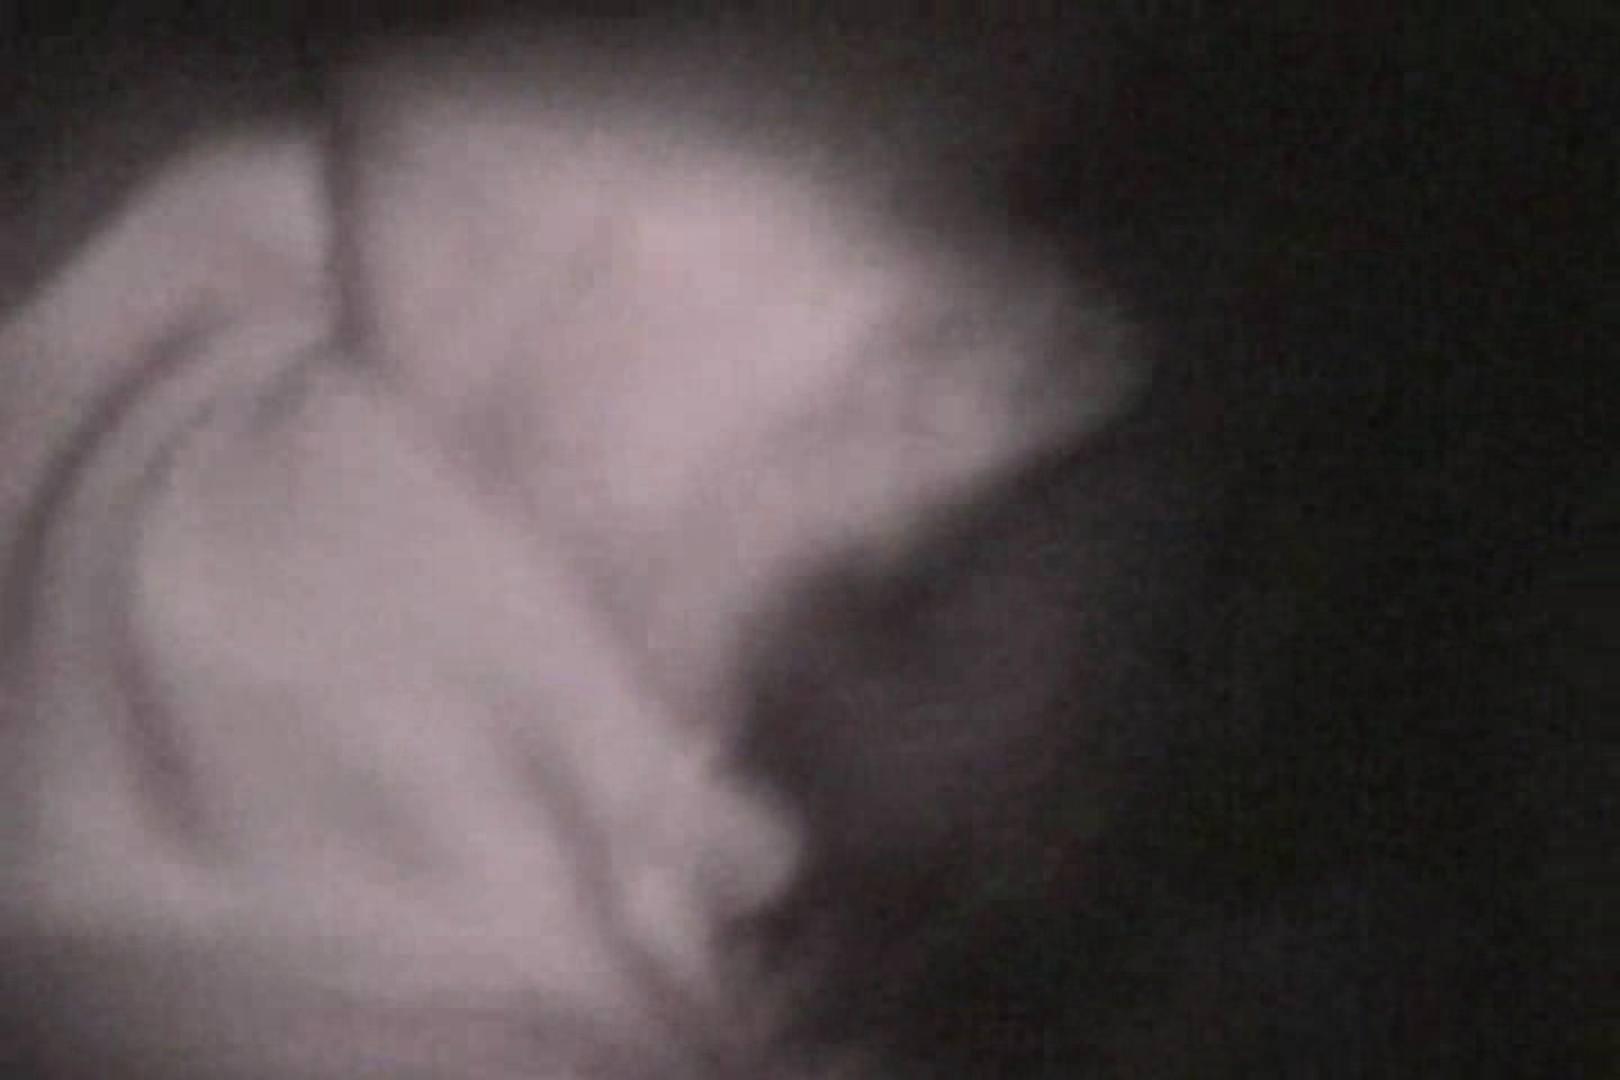 蔵出し!!赤外線カーセックスVol.23 カーセックス  62画像 20